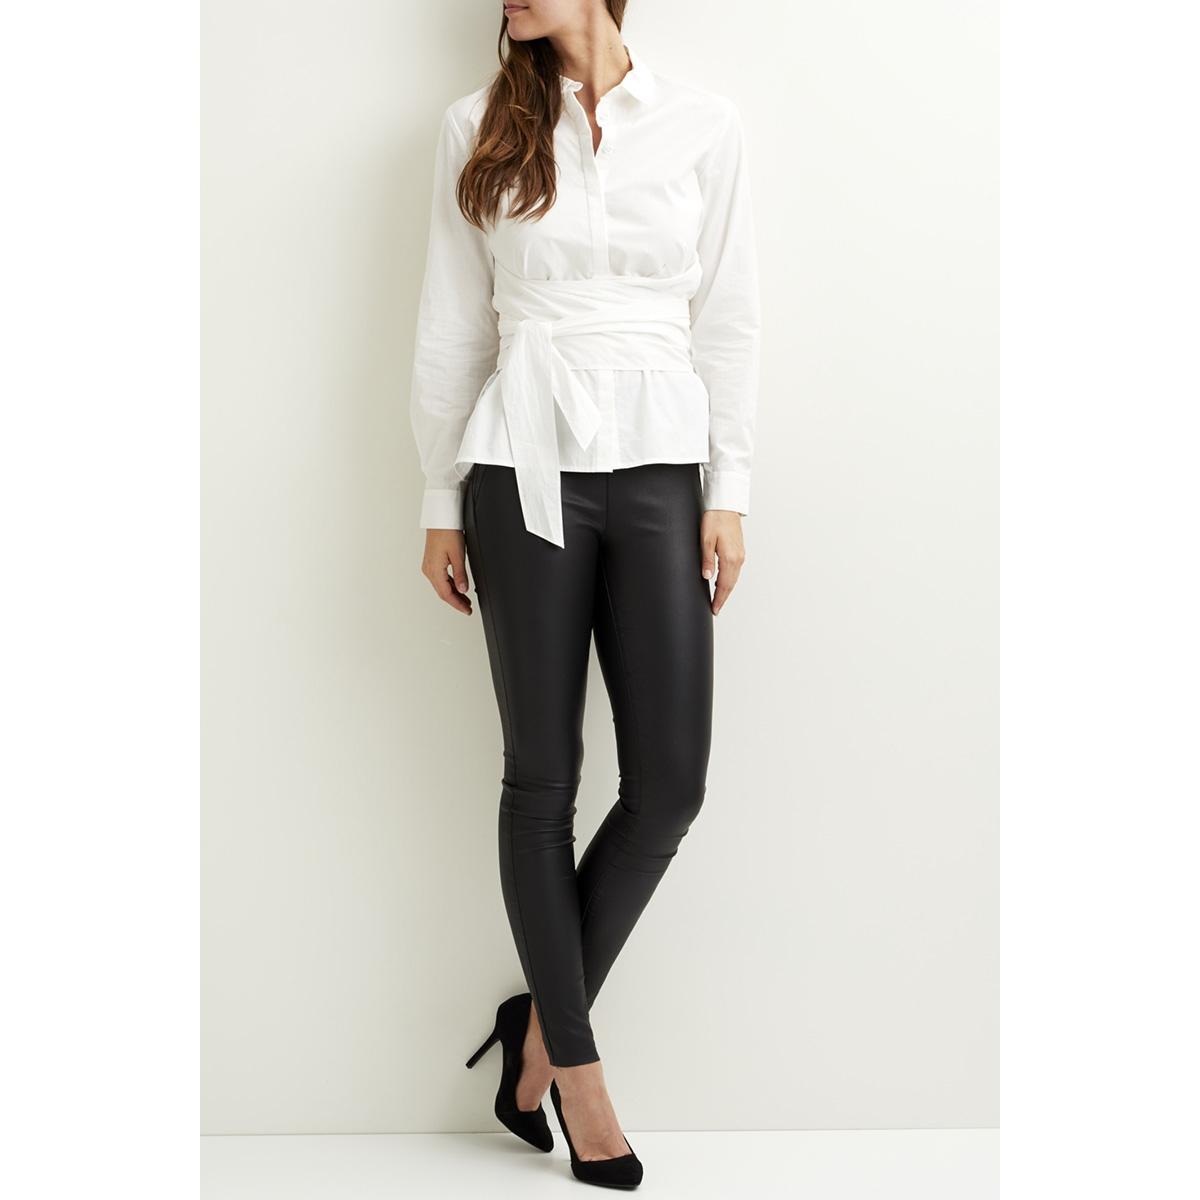 vinavaro l/s wrap shirt 14045074 vila blouse cloud dancer